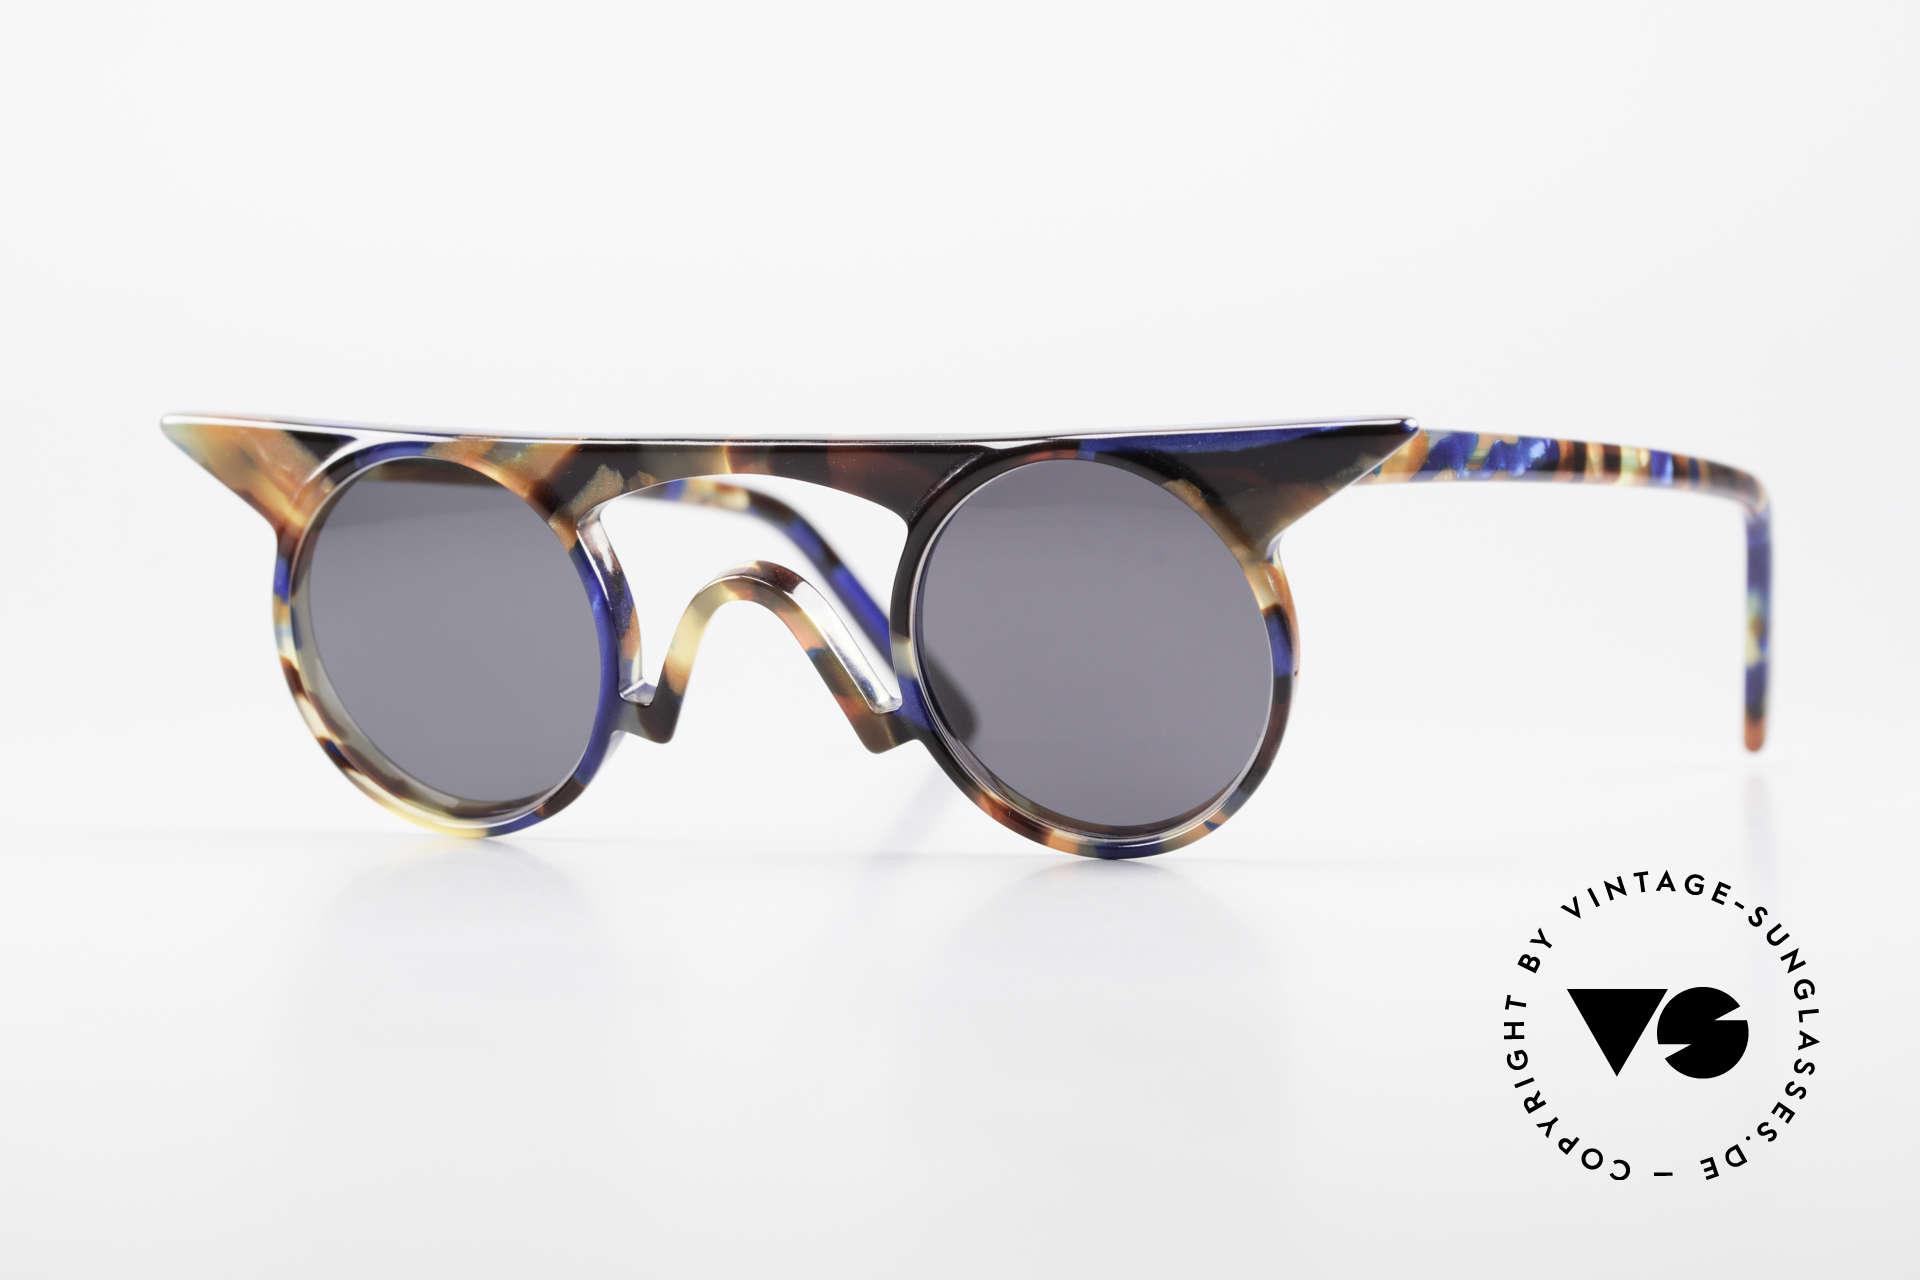 Design Maske Berlin Jason Artful Vintage Sunglasses 90s, Design Maske Berlin: glasses like never seen before, Made for Women